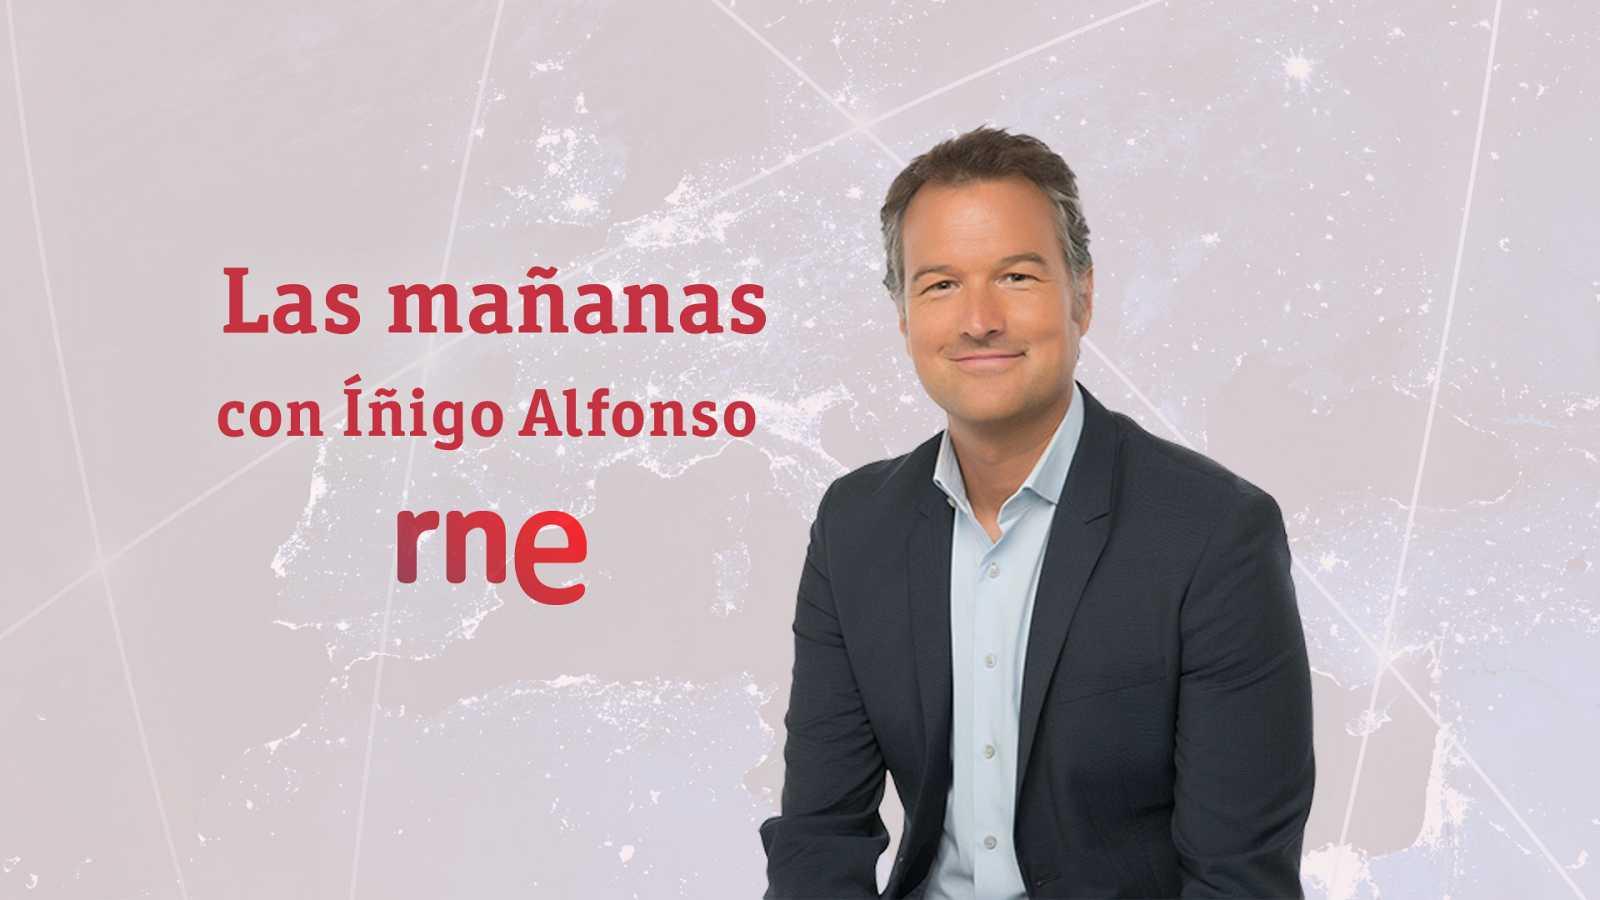 Las mañanas de RNE con Íñigo Alfonso - Segunda hora - 05/05/21 - escuchar ahora